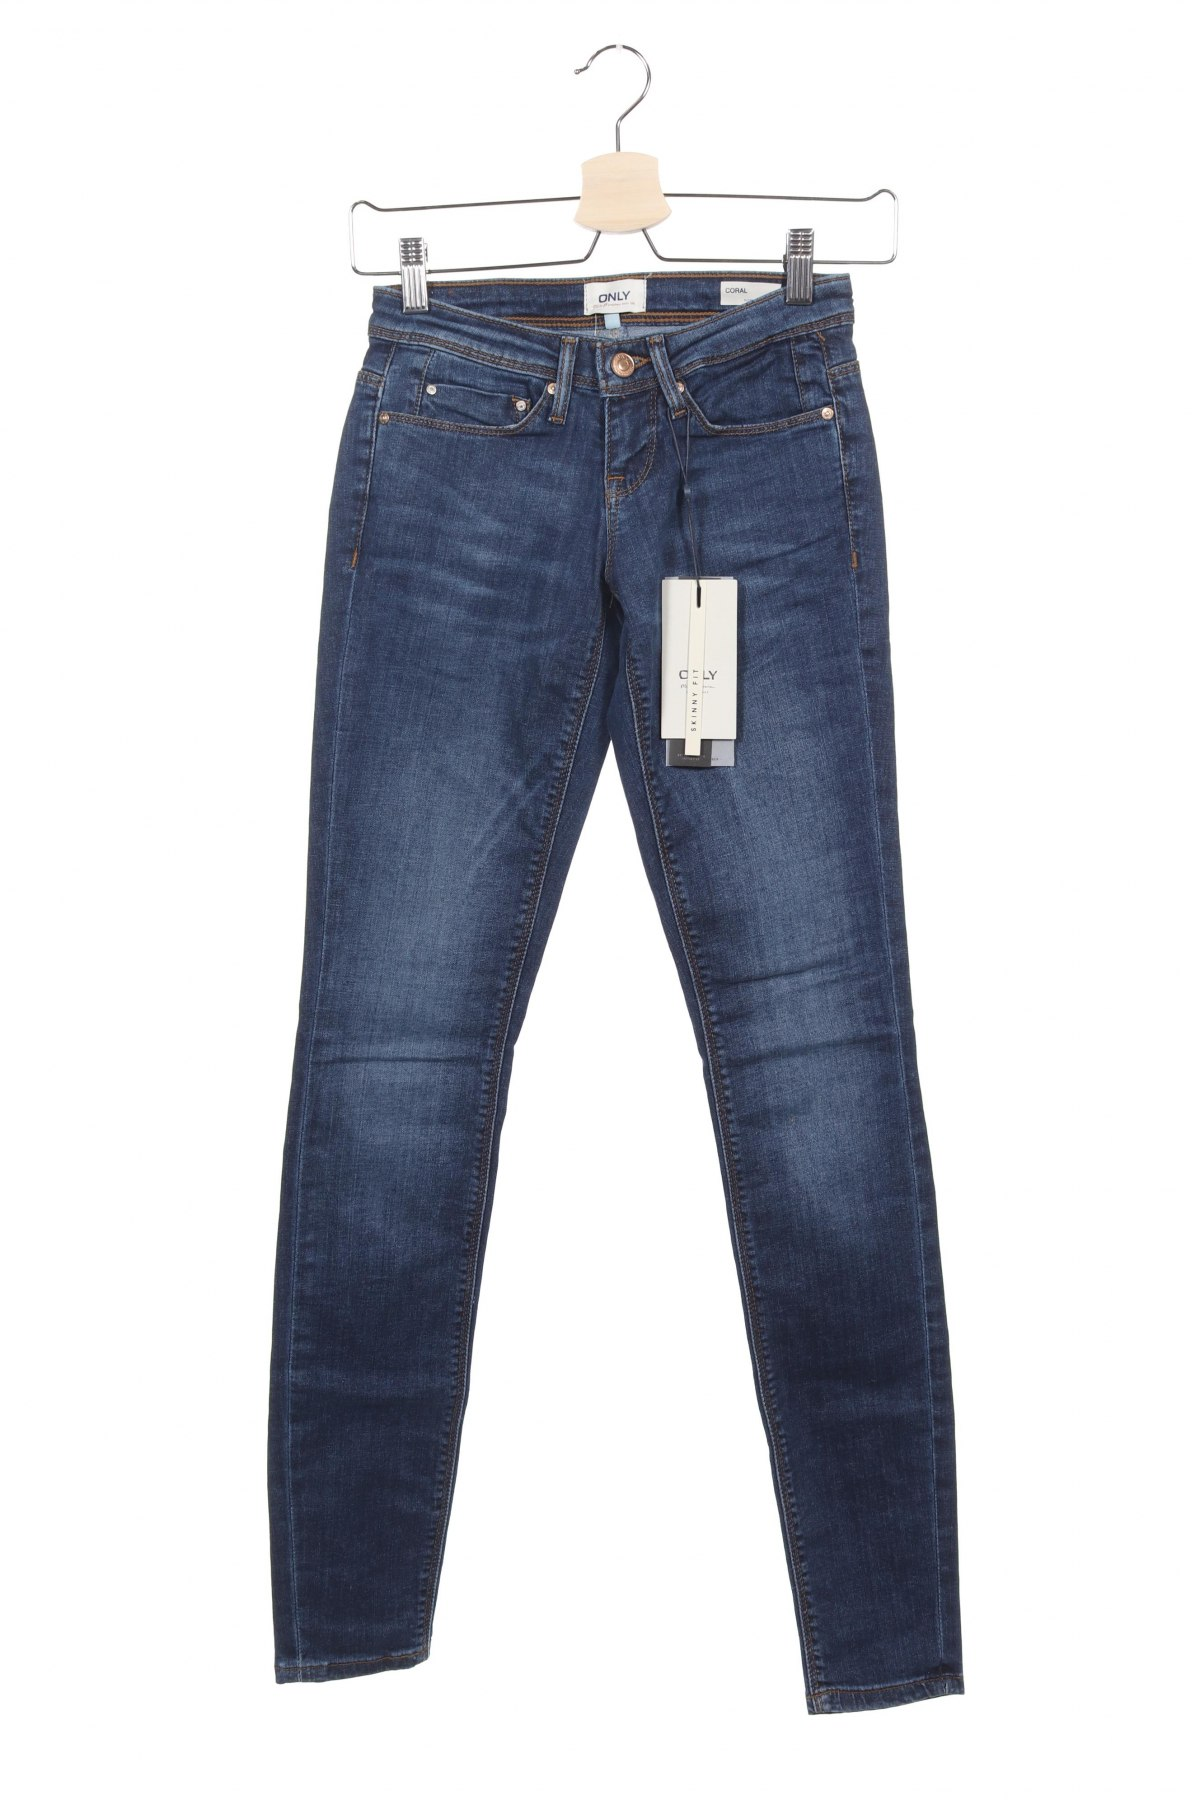 Дамски дънки ONLY, Размер XS, Цвят Син, 98% памук, 2% еластан, Цена 18,87лв.